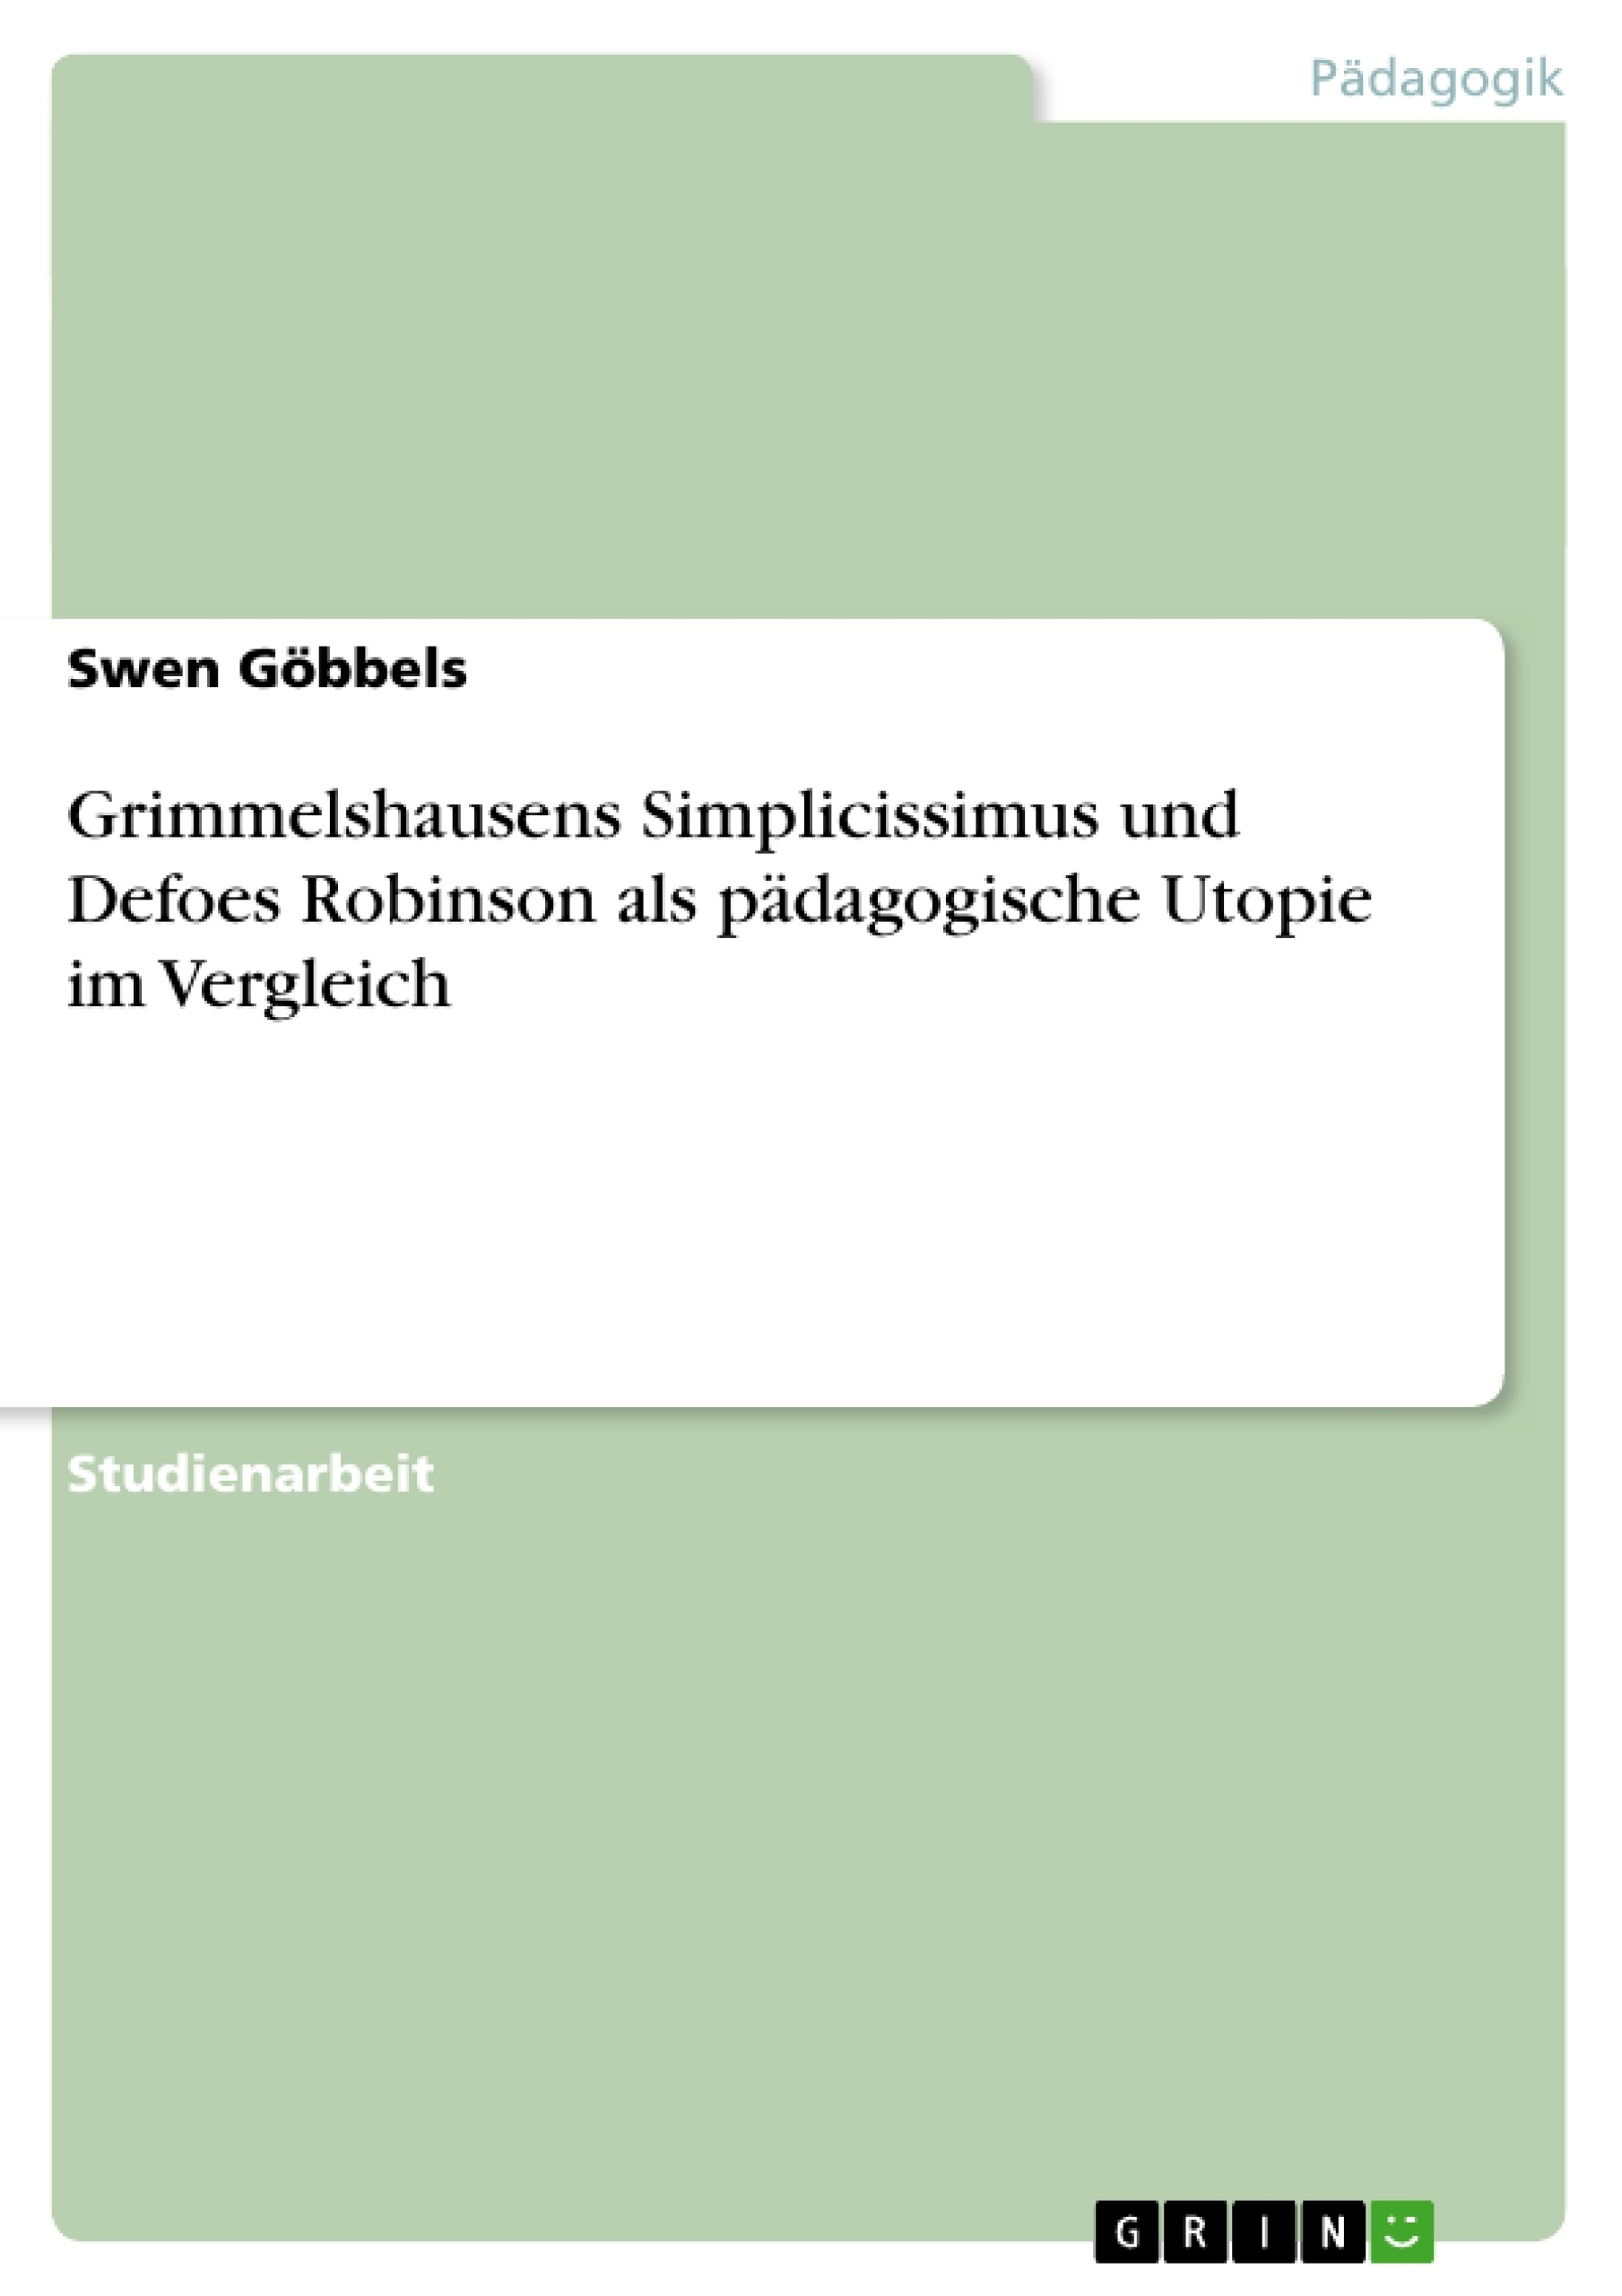 Titel: Grimmelshausens Simplicissimus und Defoes Robinson als pädagogische Utopie im Vergleich